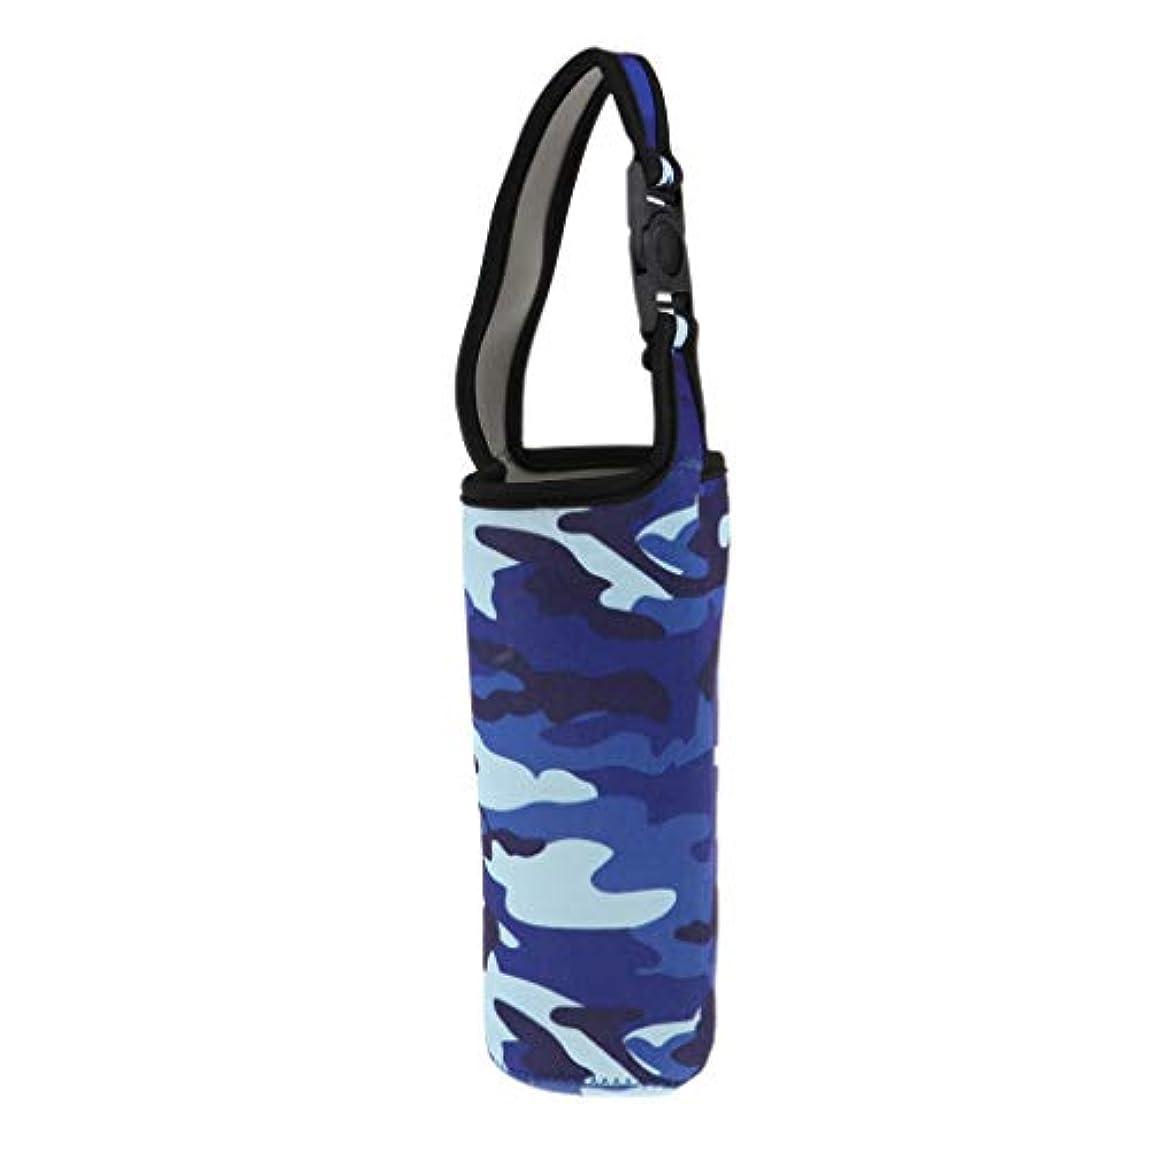 高尚なプレーヤー番目T TOOYFUL ウォーターボトルキャリア 水筒ホルダー バッグ ケース ポーチ カバー 携帯用 野外活動